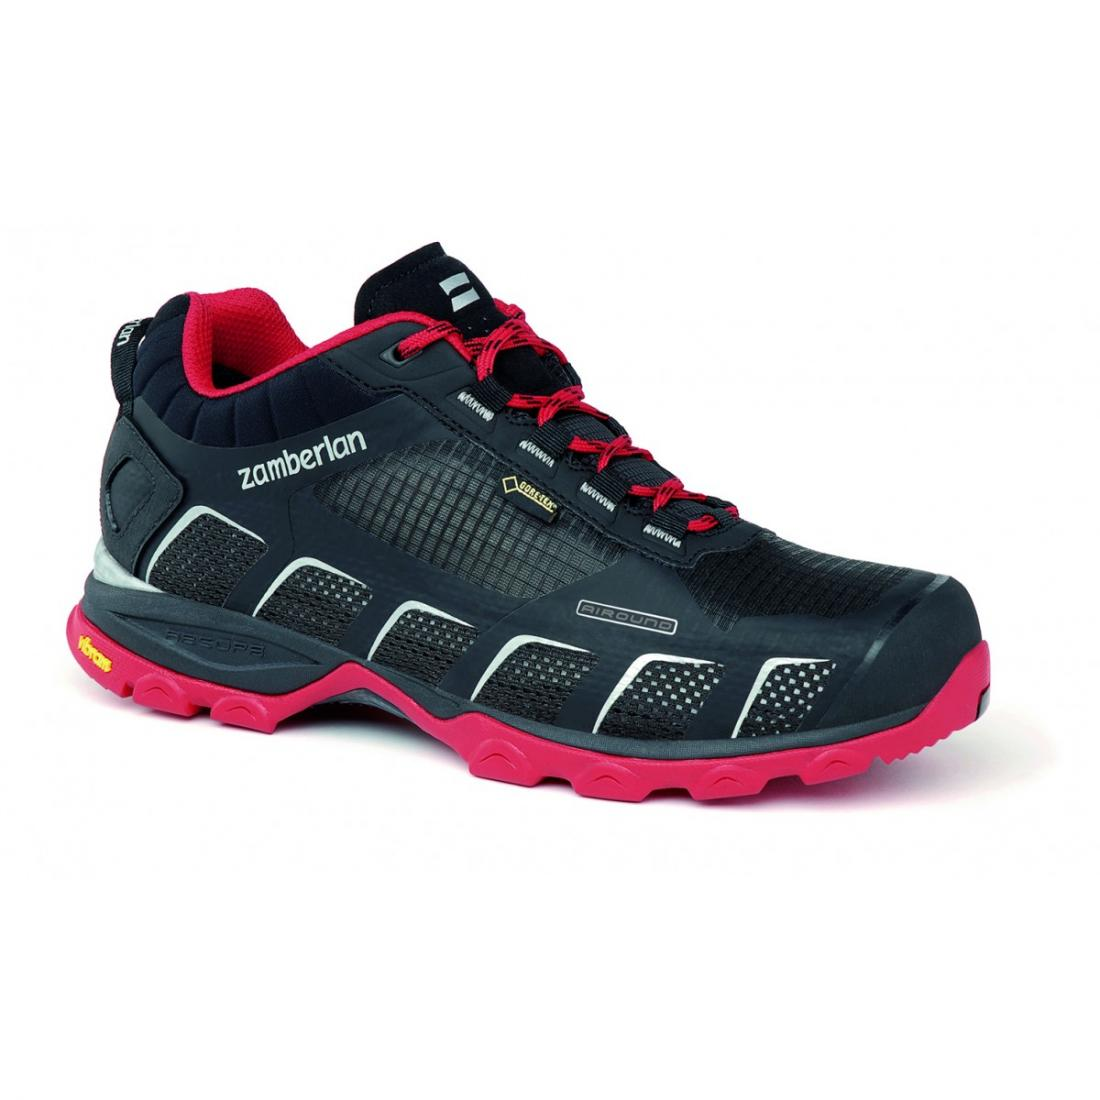 Кроссовки 132 AIR-ROUND GTX RRХайкинговые<br>Стильные ботинки средней высоты для легкого и уверенного движения по горным тропам. Комфортная посадка этих ботинок усовершенствована за счет эксклюзивной внешней подошвы Zamberlan® Vibram® Speed Hiking Lite, которая позволяет максимально эффективно де...<br><br>Цвет: Черный<br>Размер: 44